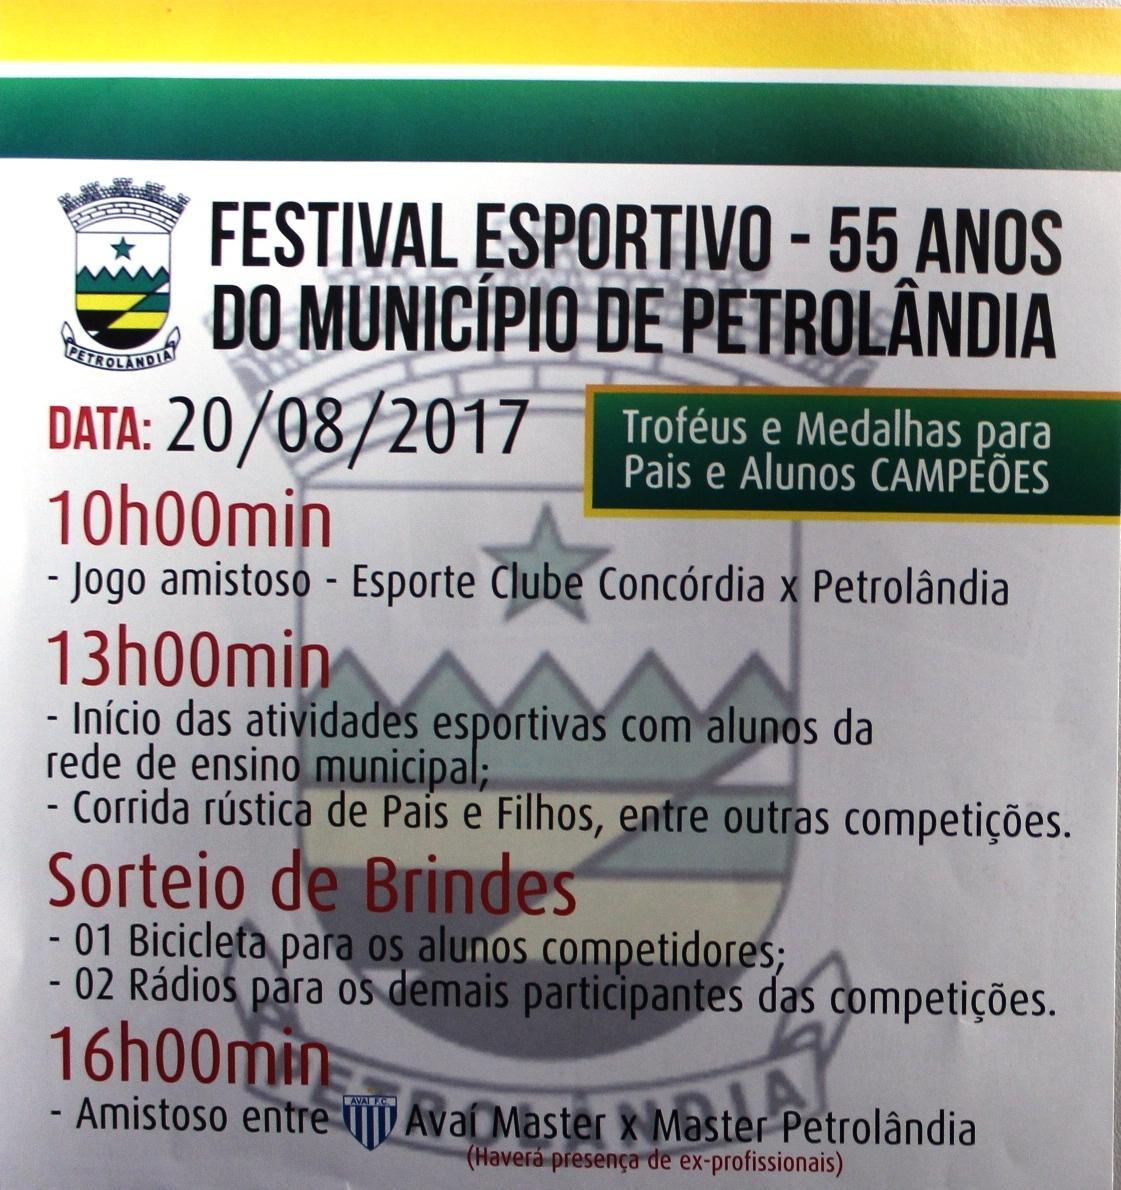 Festival Esportivo ocorre no próximo domingo, em Petrolândia